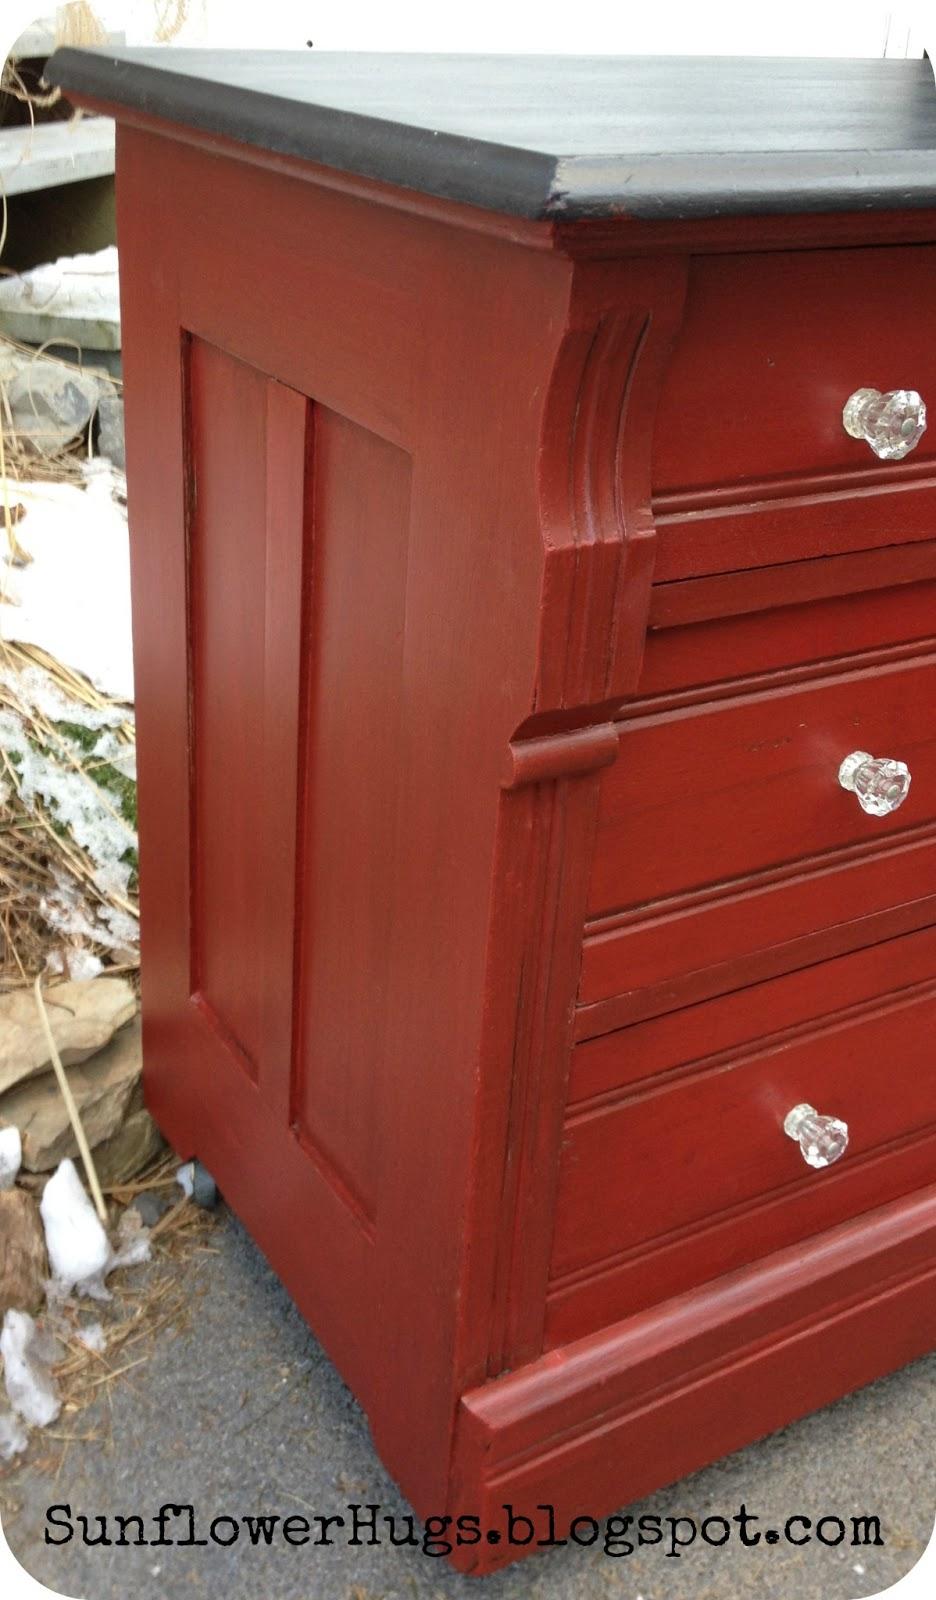 SunflowerHugs Posh Red Dressers